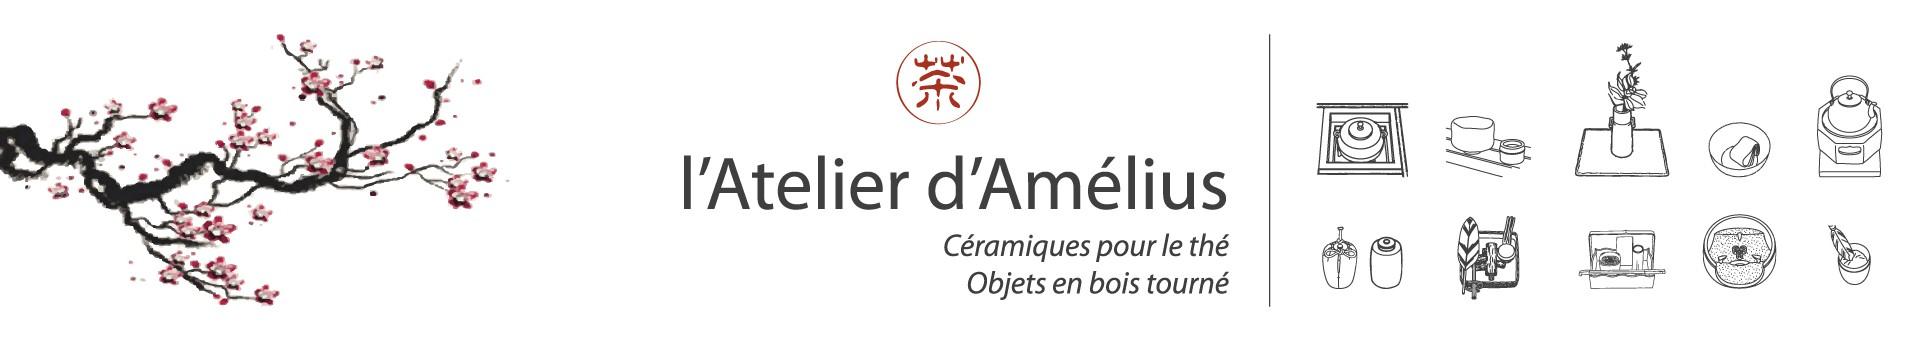 l'Atelier d'Amélius